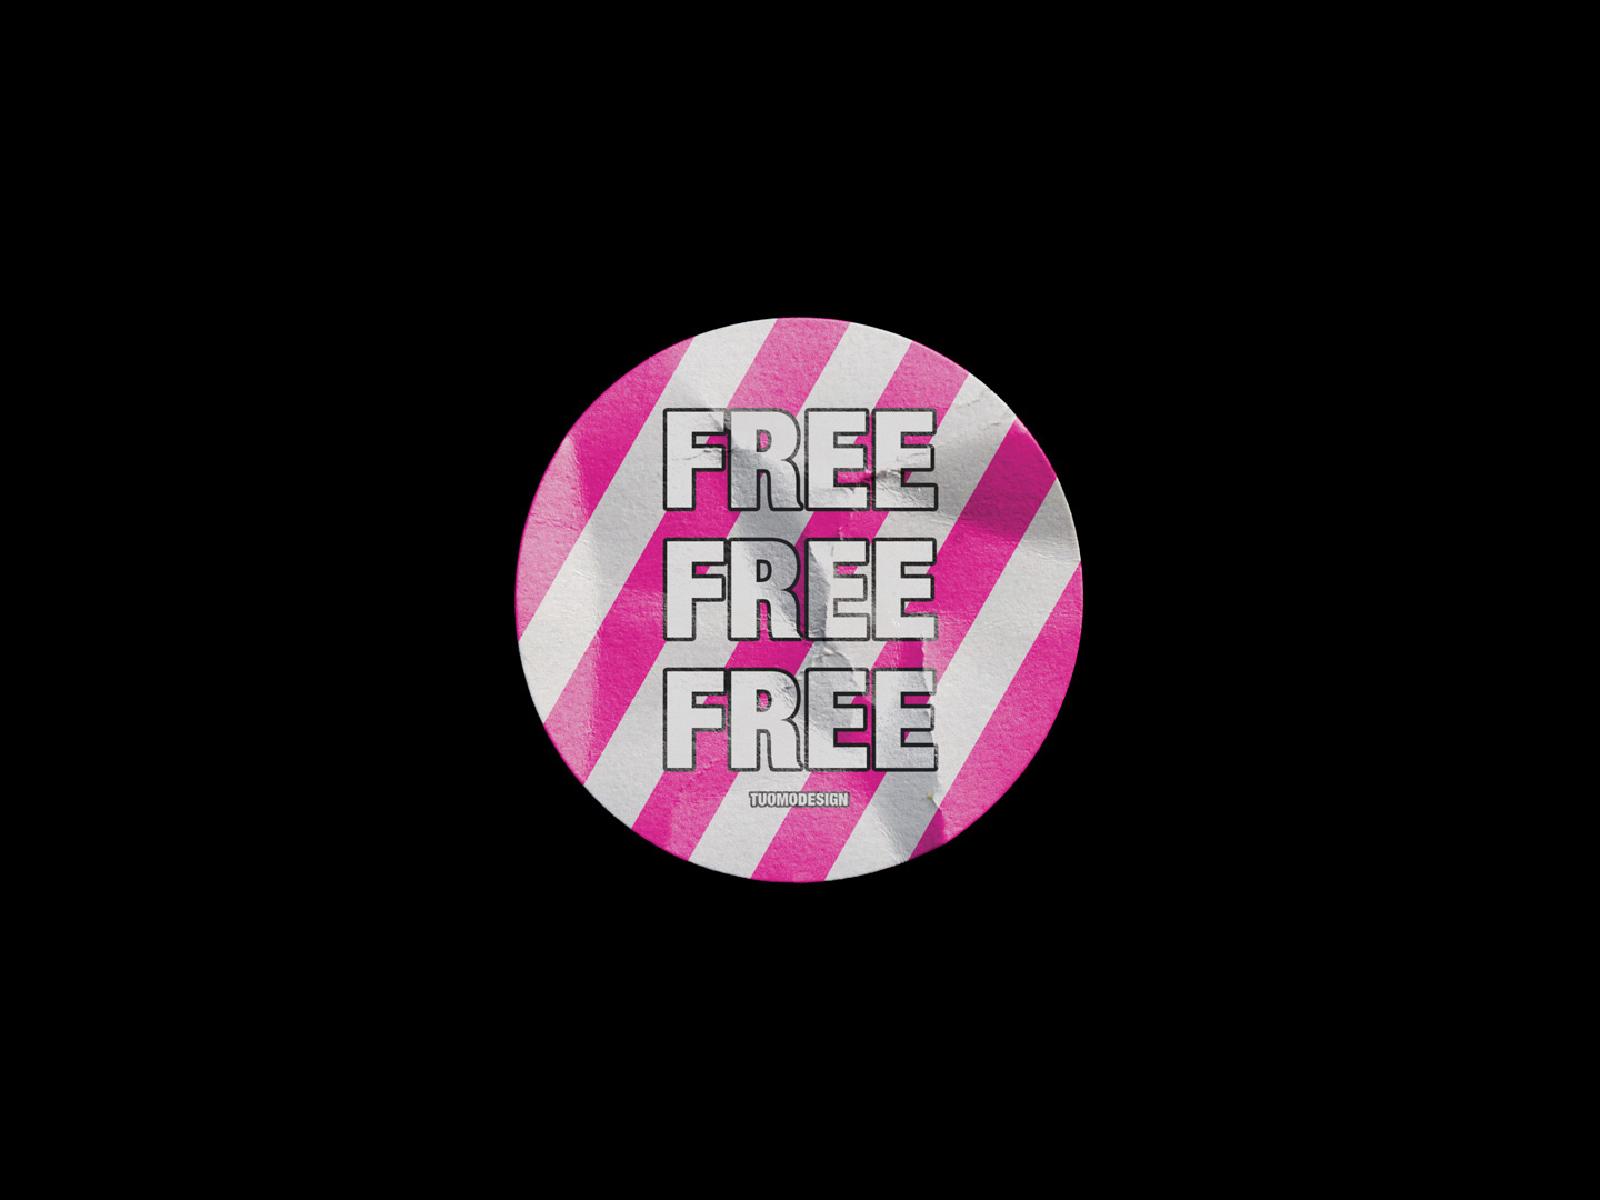 FREE] Sticker Mockup by Tuomo Korhonen on Dribbble